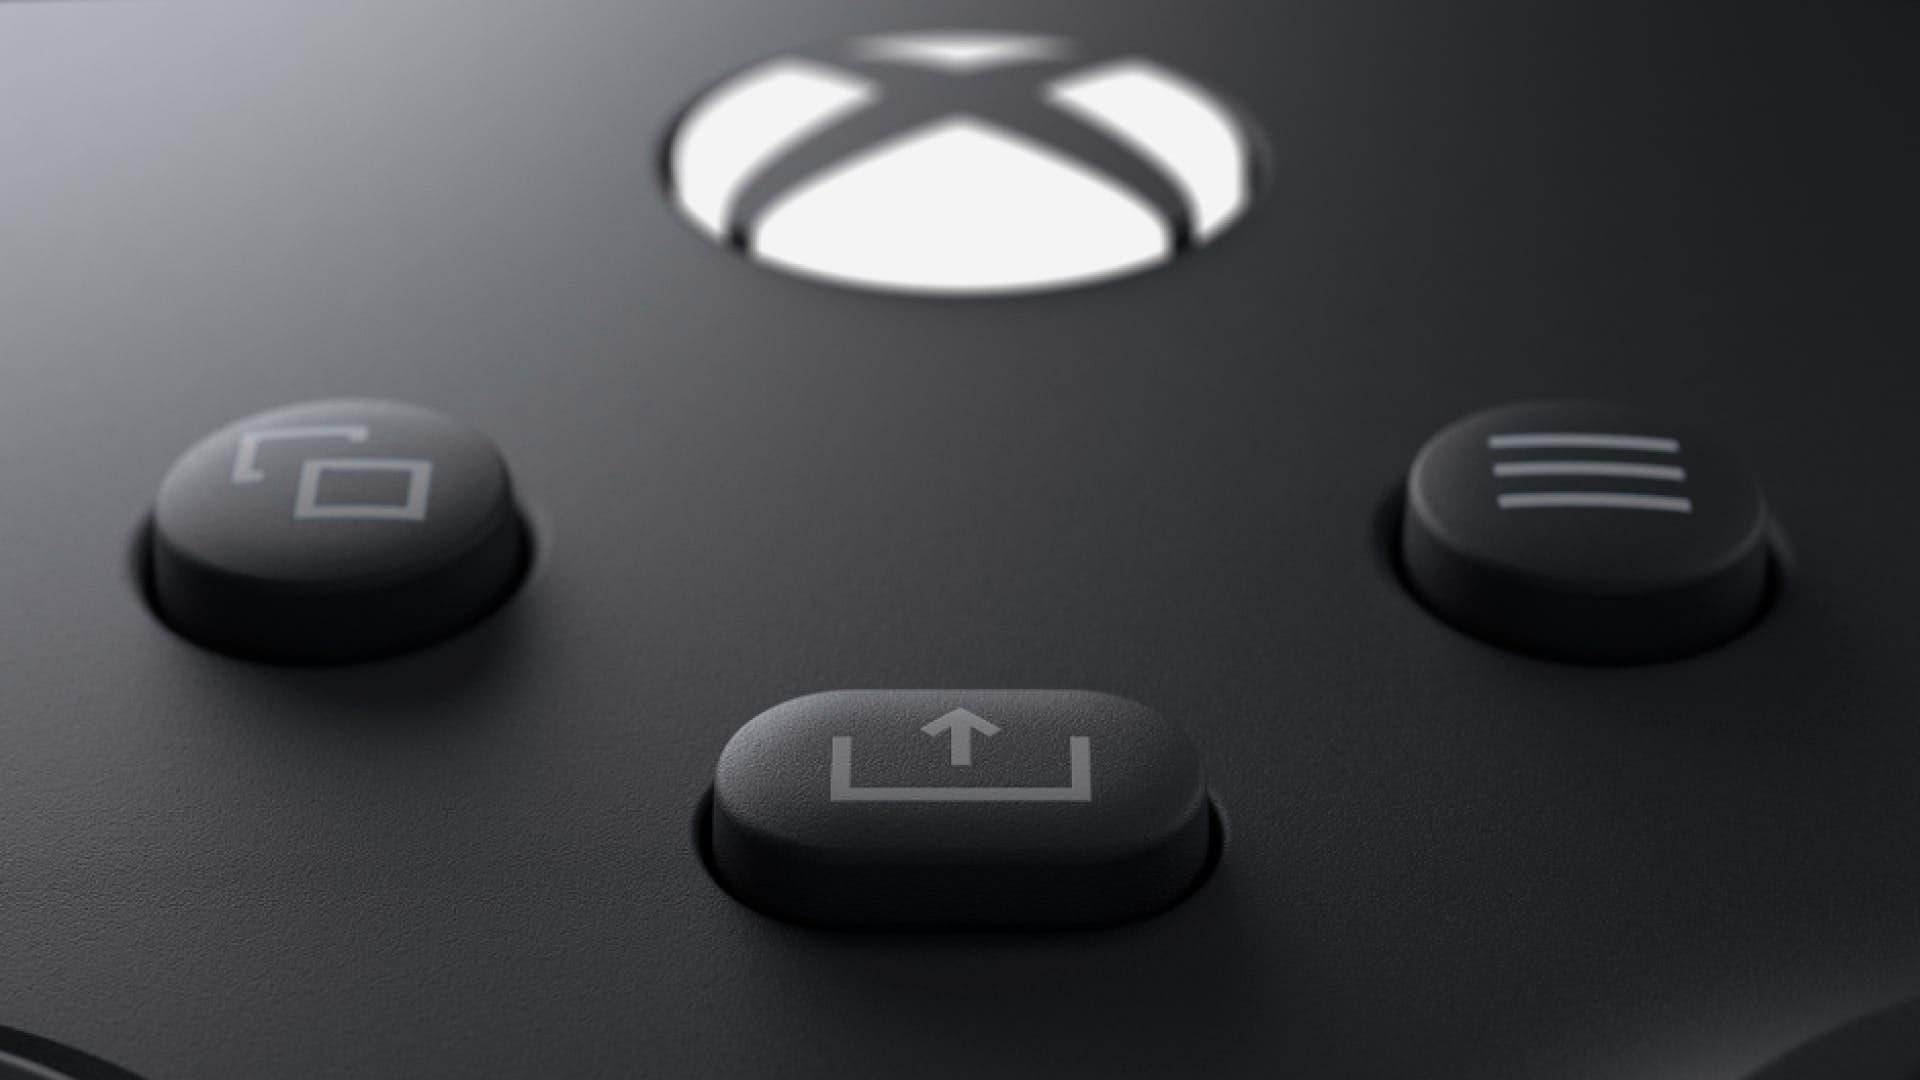 La compatibilidad del control de Xbox Series con iOS llegará la próxima semana 5